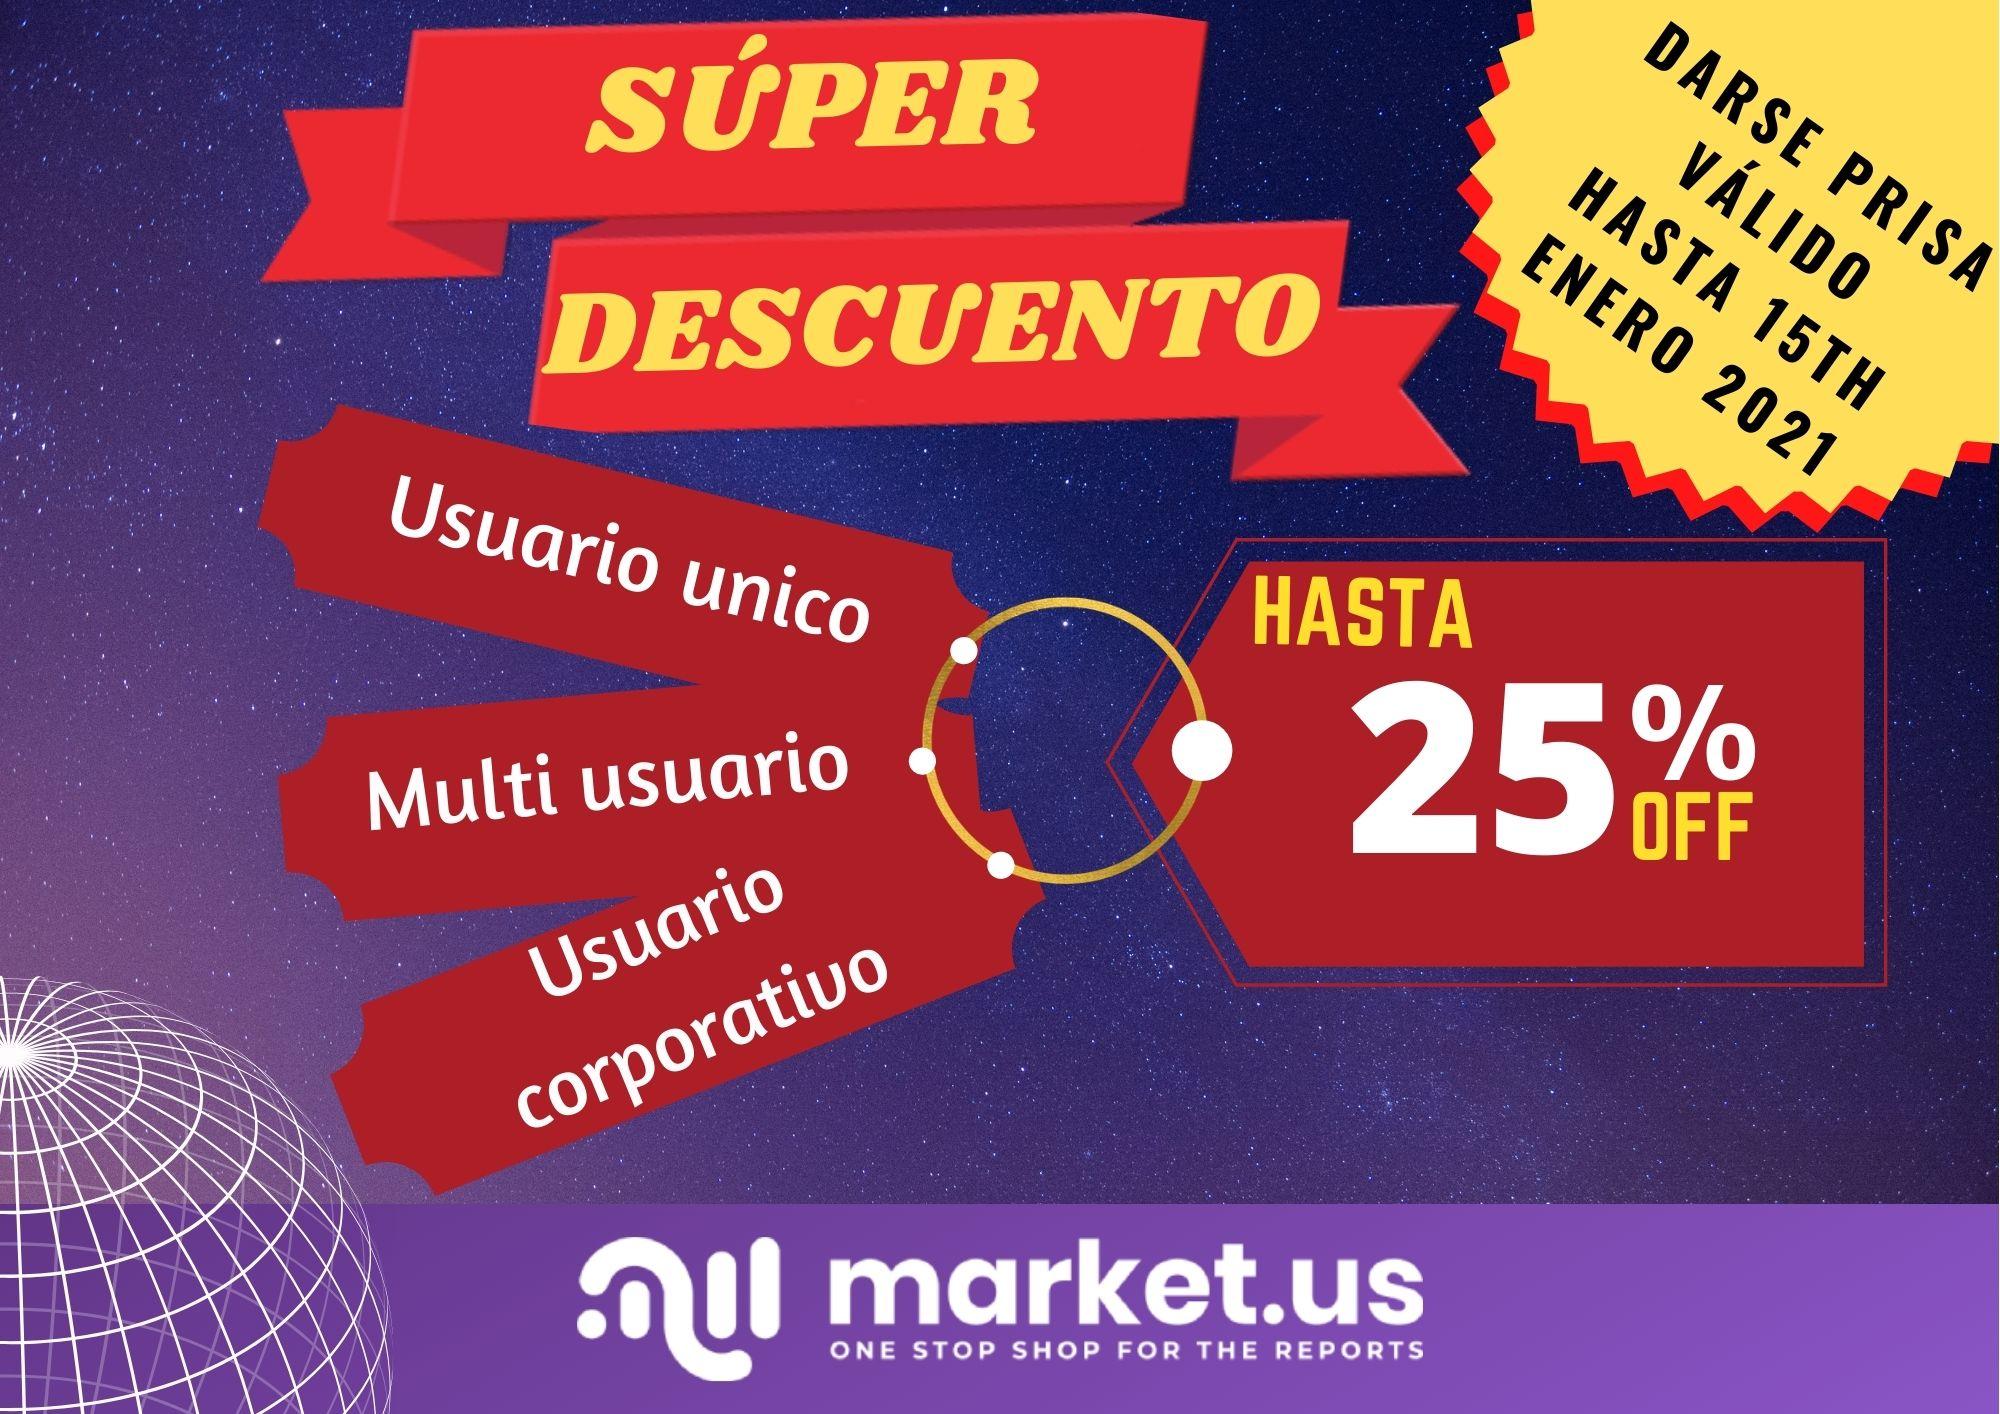 Polvo De Mezcla De Bebida Energética Mercado